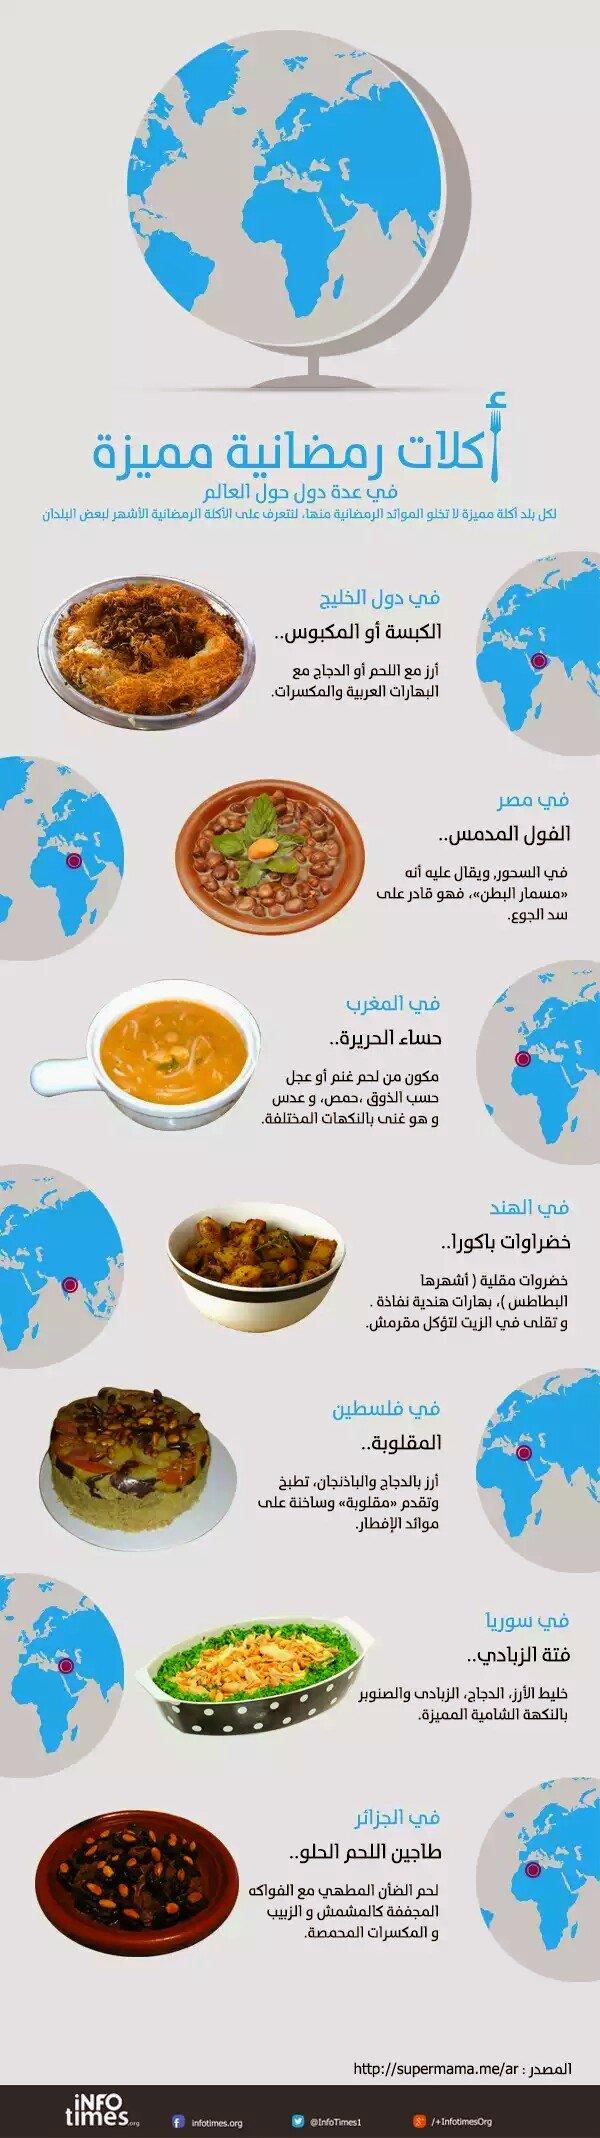 #انفوجرافيك اكلات مميزة في رمضان